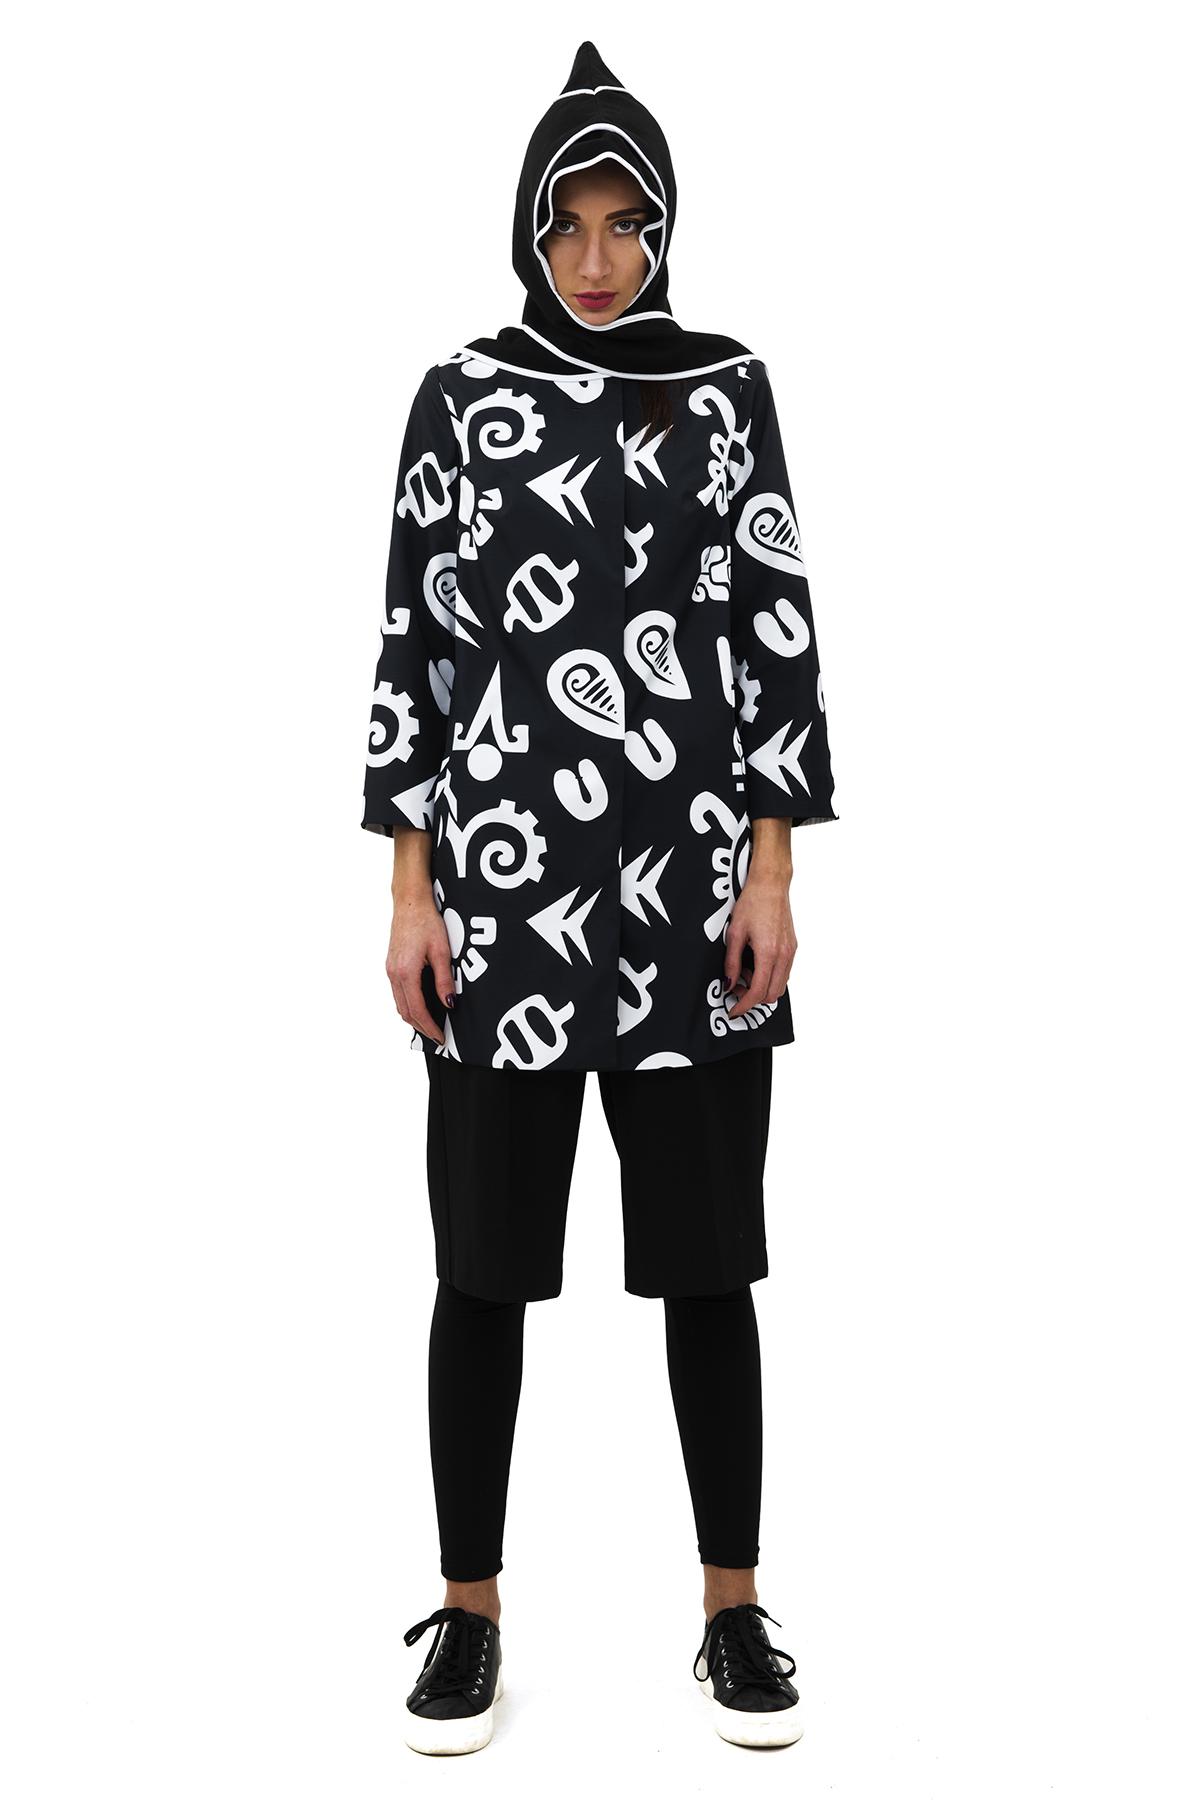 ПлащЖенские куртки, плащи, пальто<br>Женский плащ бренда Pavel Yerokin выполнен из принтованной курточной ткани. Особенности: прямой крой, рукав 3/4, этнический принт.<br><br>Цвет: черный,белый<br>Состав: Полиэстер - 100% подкладка: Вискоза - 50%, Полиэстер - 50%<br>Размер: 40,42,44,46,48,50<br>Страна дизайна: Россия<br>Страна производства: Россия